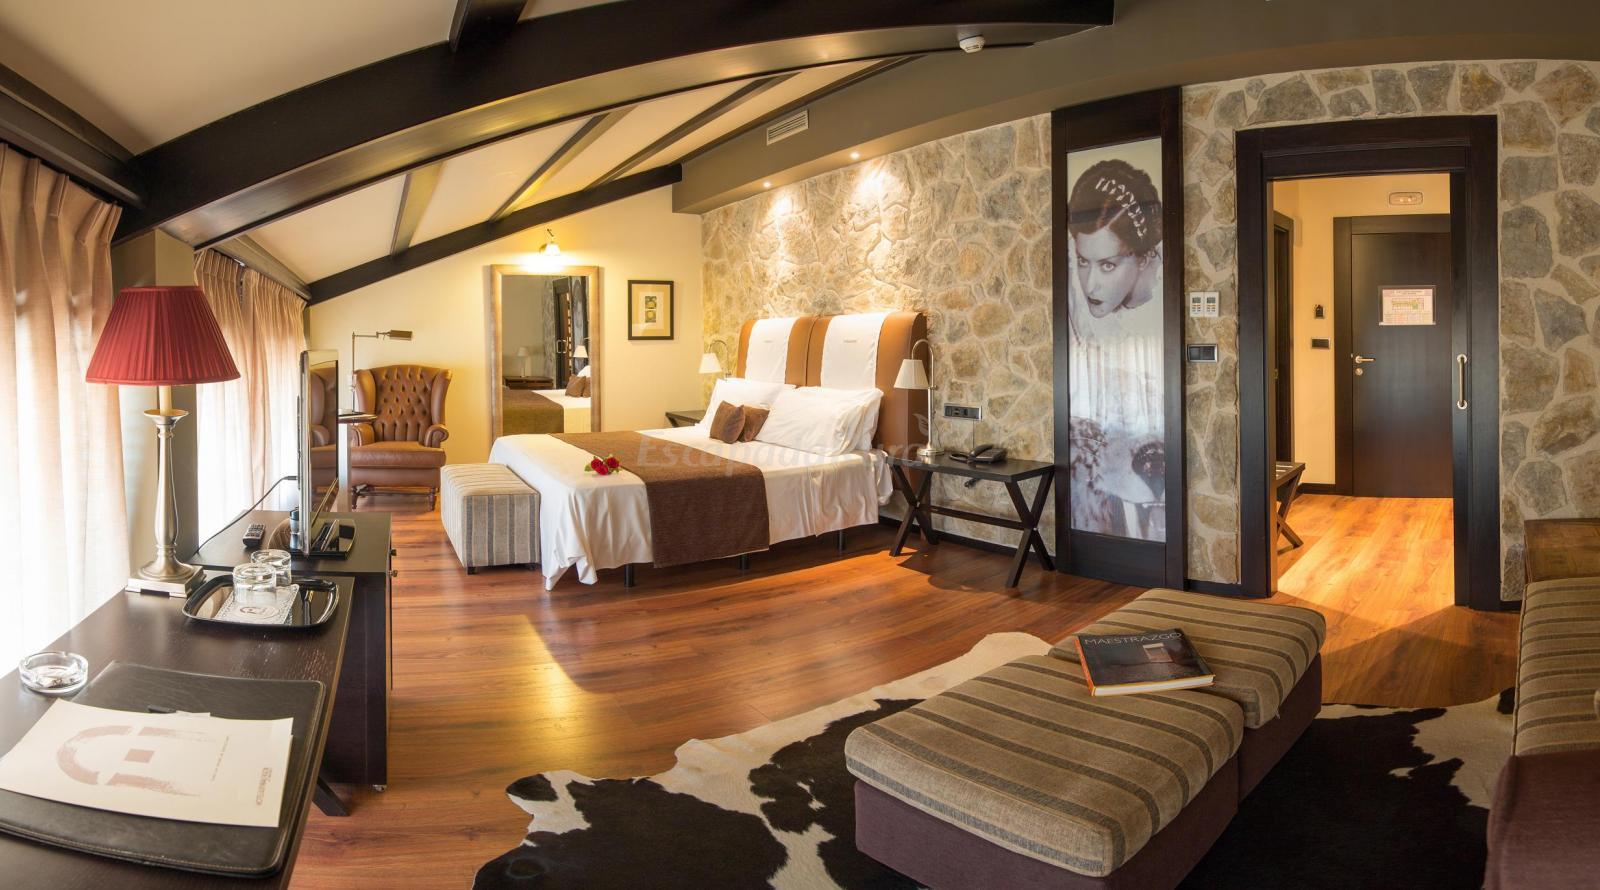 Fotos de hotel spa balfag n alto maestrazgo casa rural for Hoteles en teruel con piscina